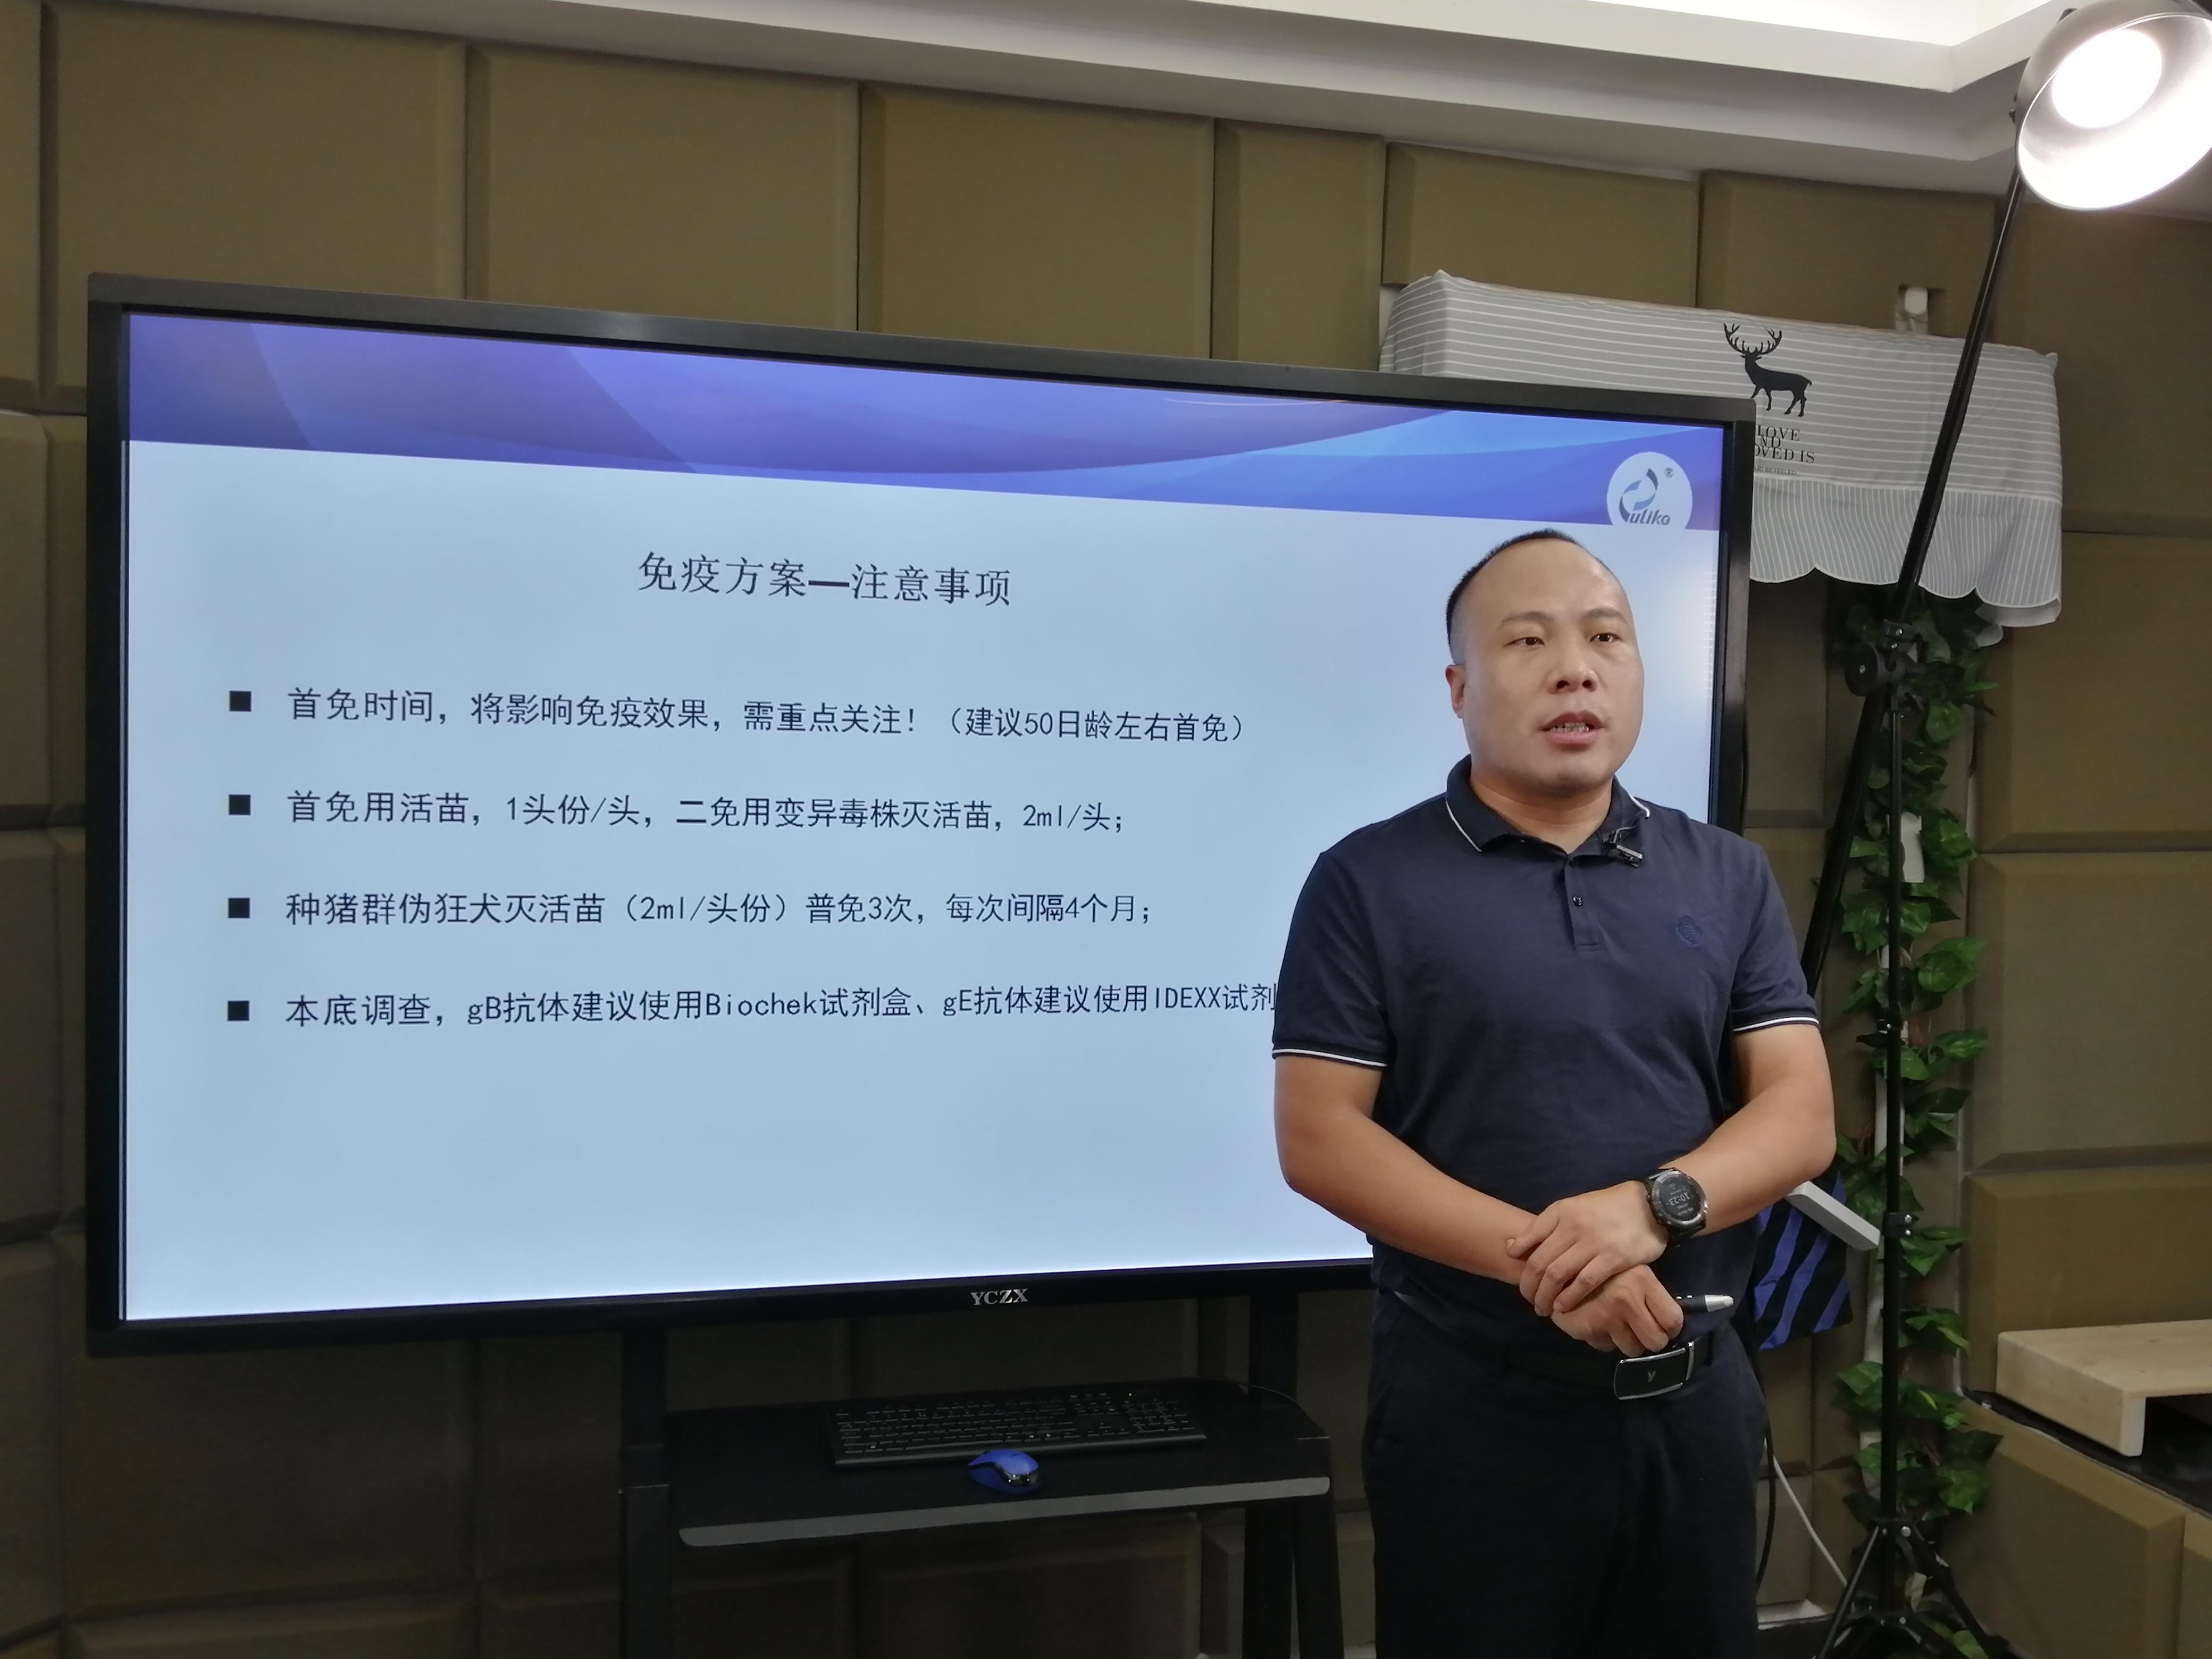 专家到访 | 刘红强做客爱猪网录制普莱柯云课堂,提出伪狂犬最佳免疫方案